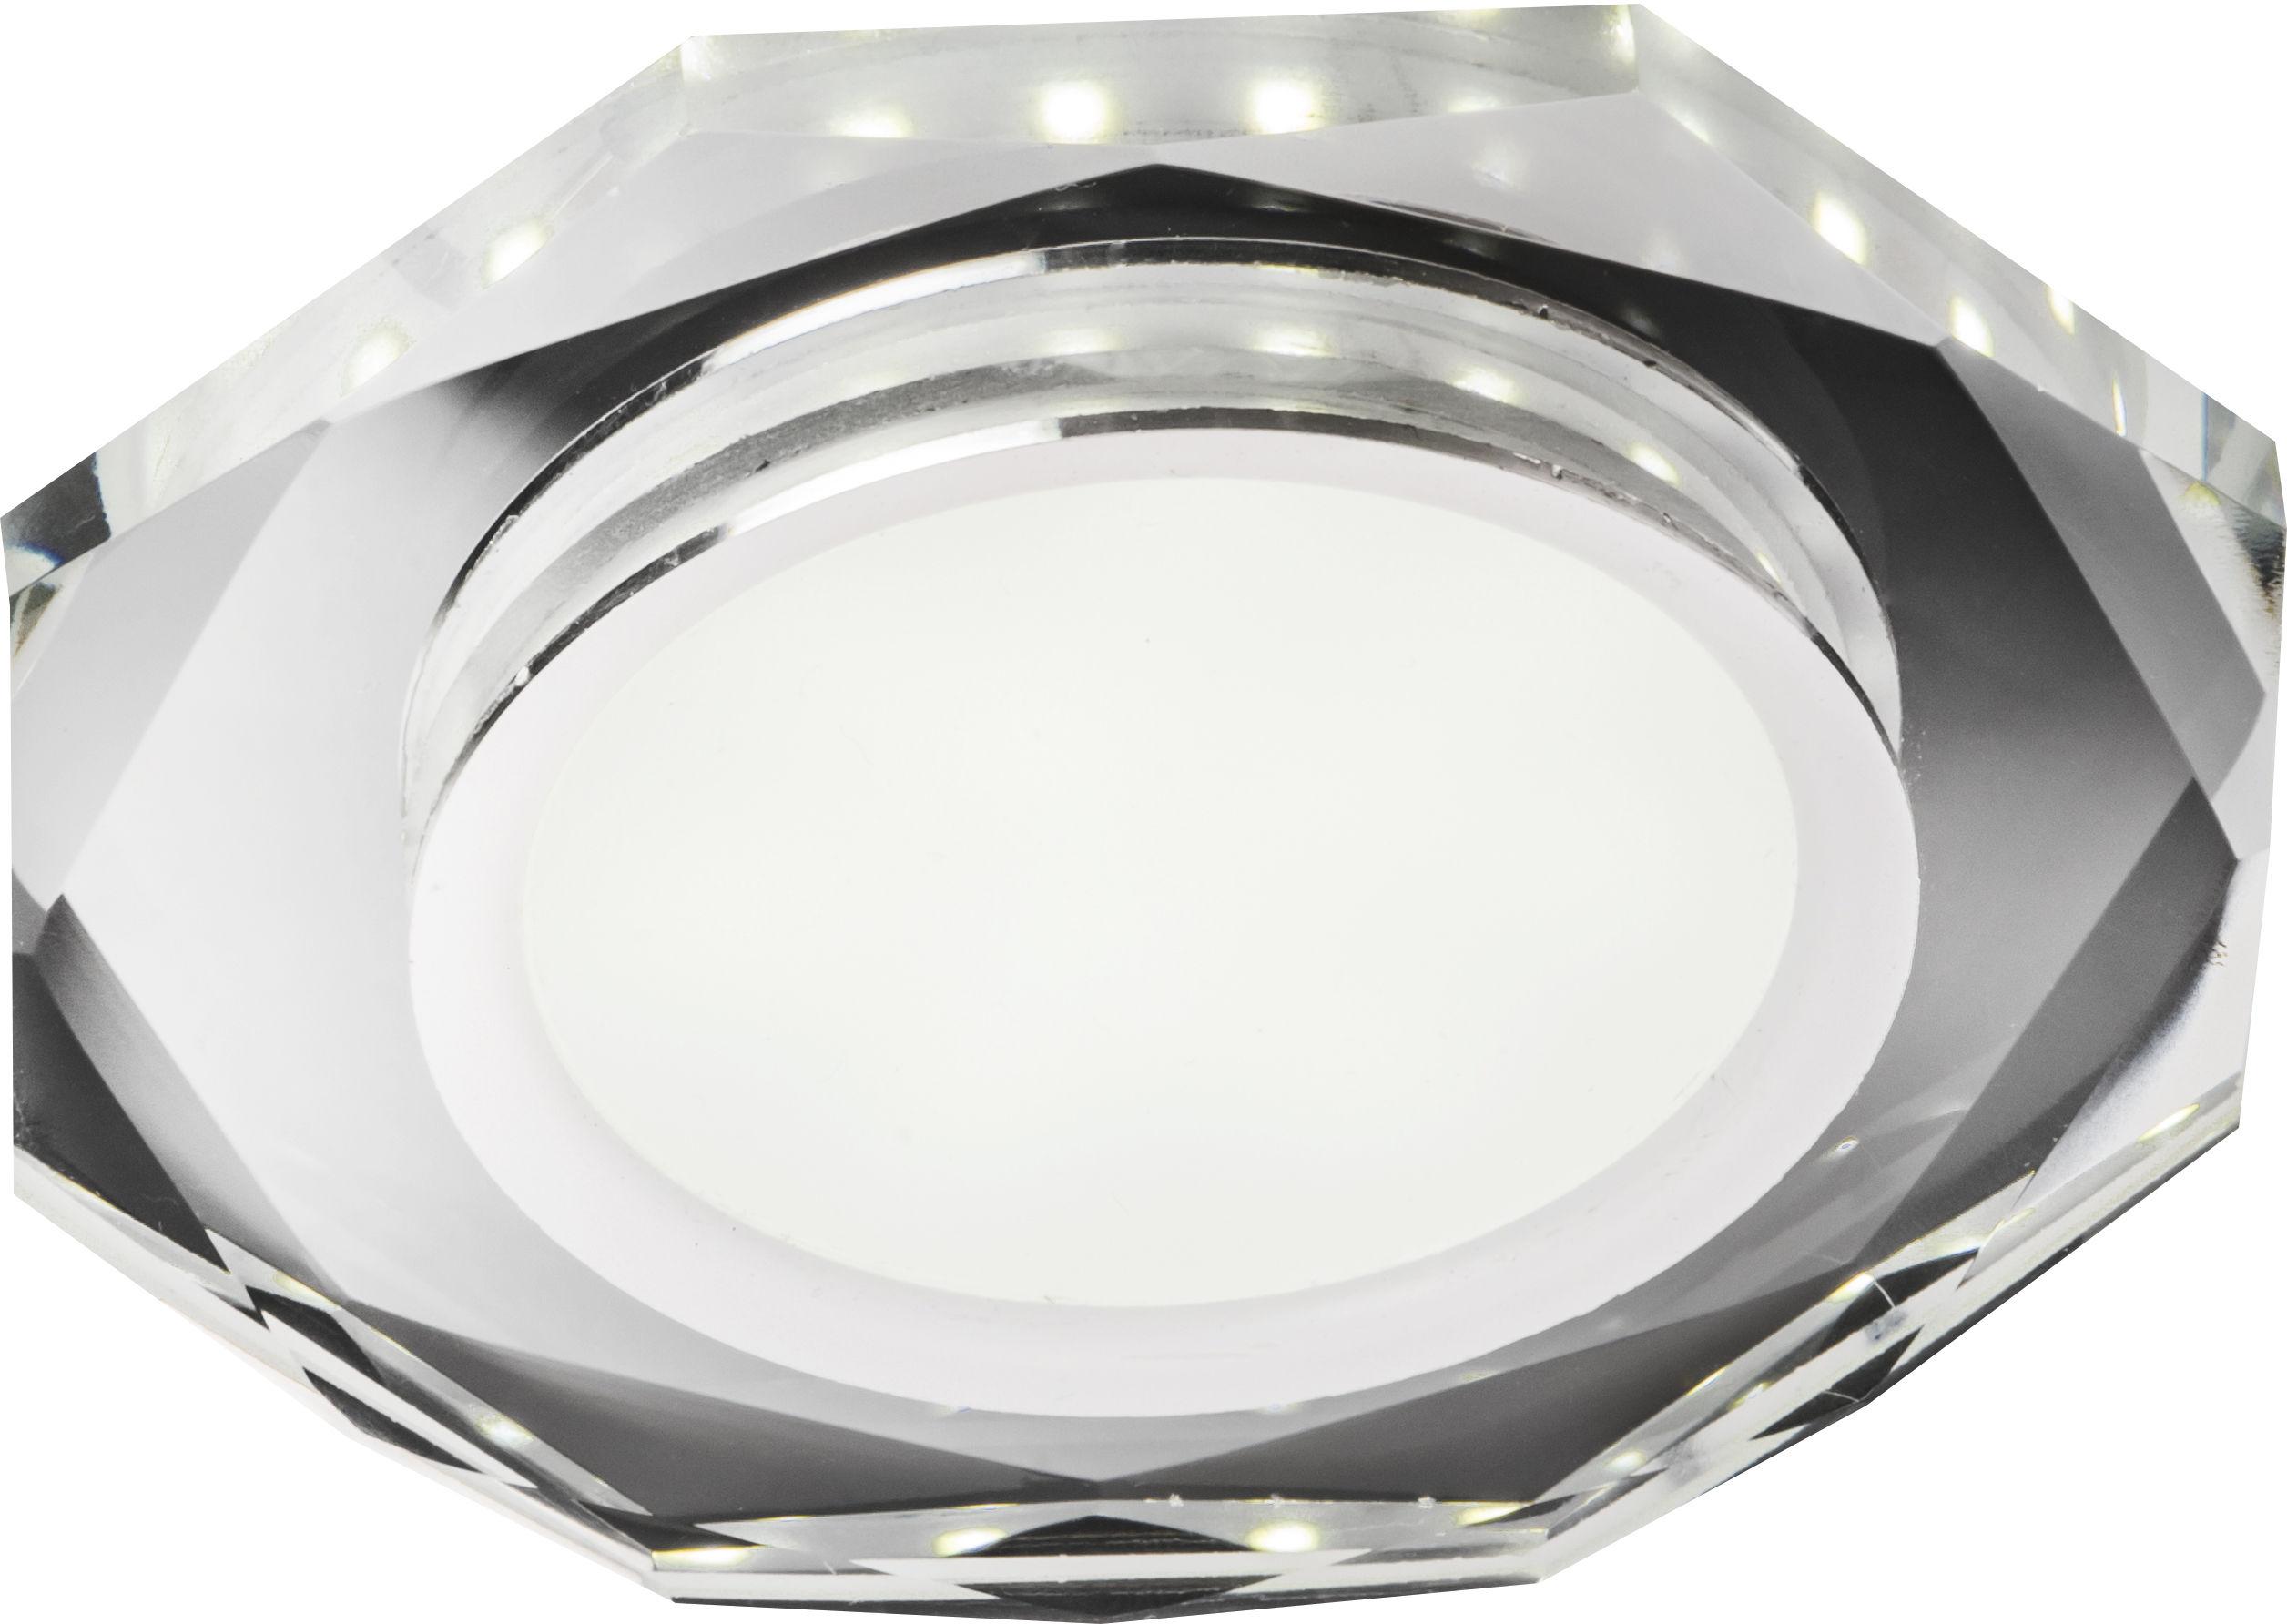 Candellux SSP-24 CH/TR+WH 2263922 oprawa do wbudowania stropowa biała 8W LED 230V ring LED oczko sufitowe ośmiokątna 11,2cm